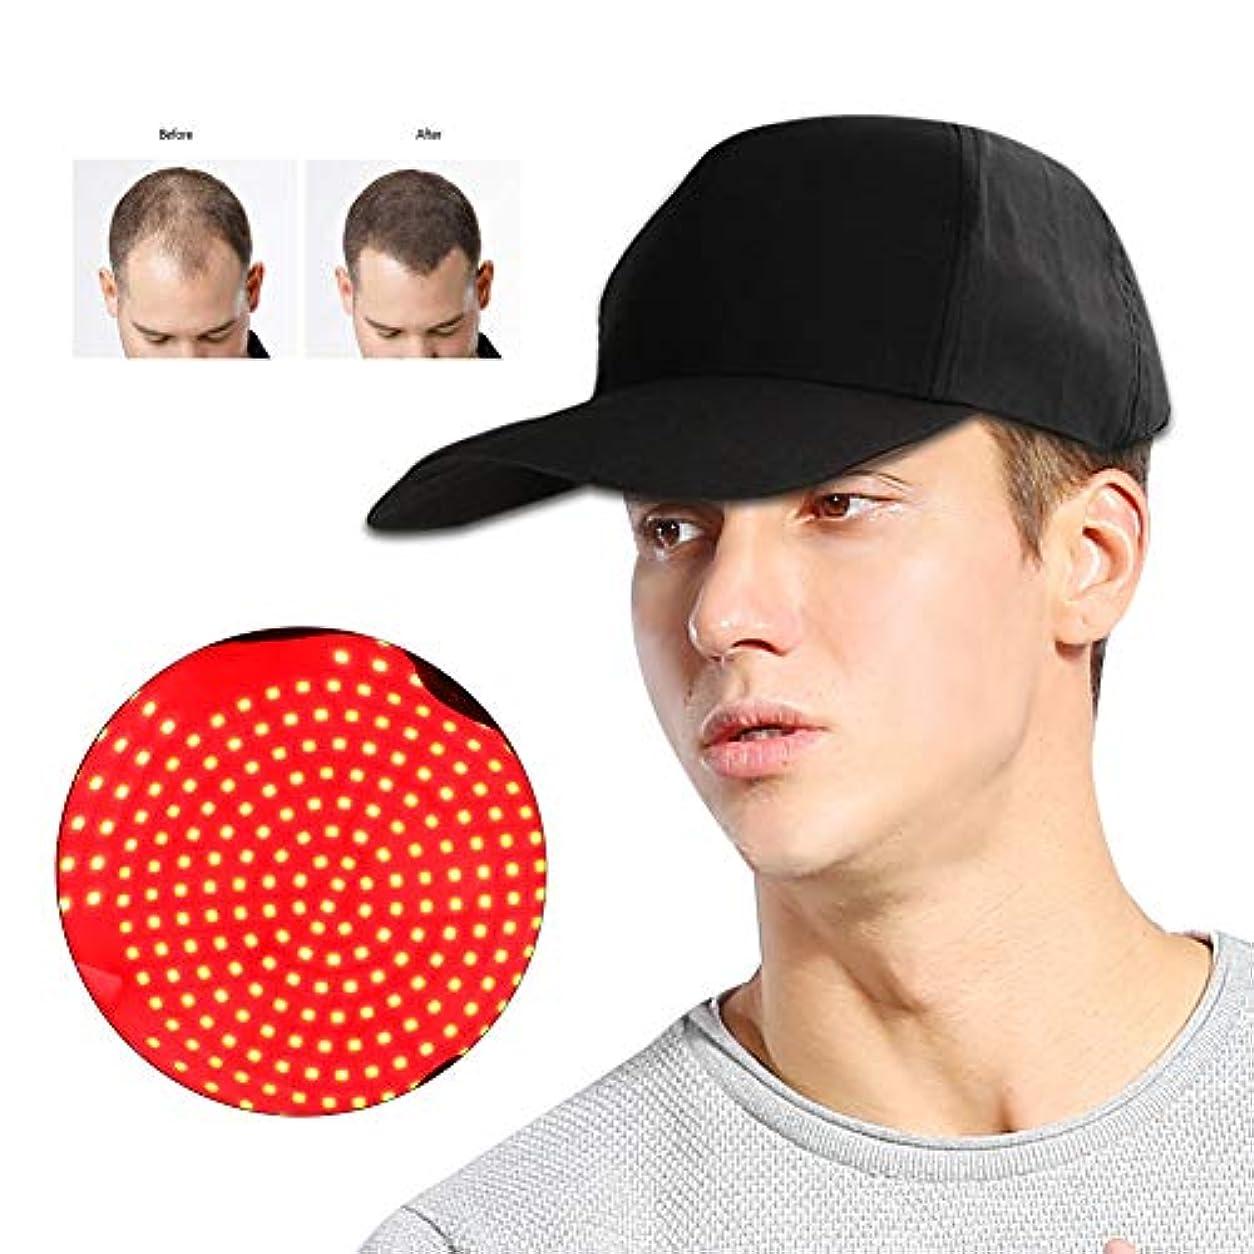 穀物光電ナチュラル脱毛キャップ、家庭用抗脱毛クリアニングハットヘルメットシステム成長器具オイルコントロール調節可能なヘアケアデバイス(280個)